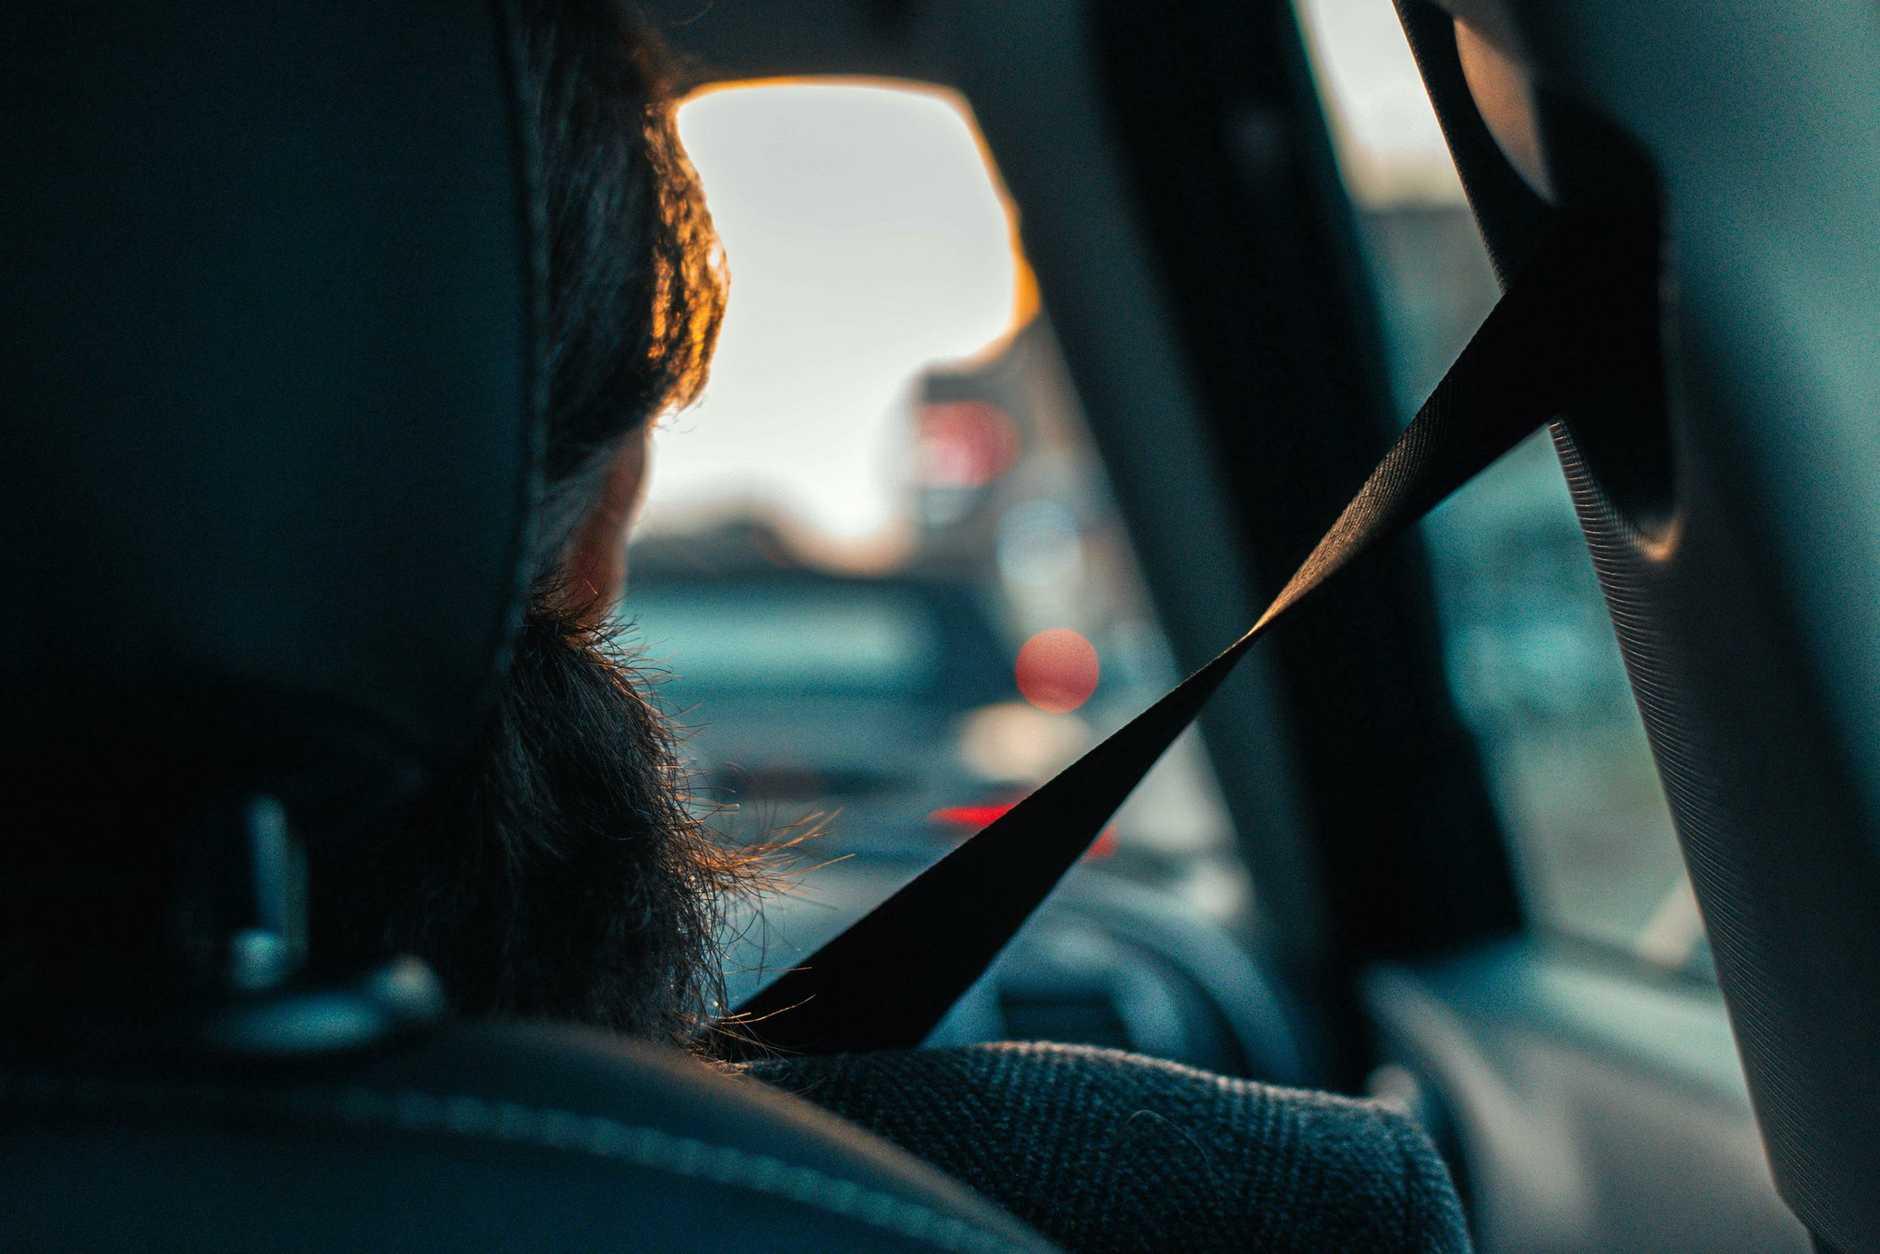 LAW BREAKER: A motorist was busted breaking the law twice in one night.